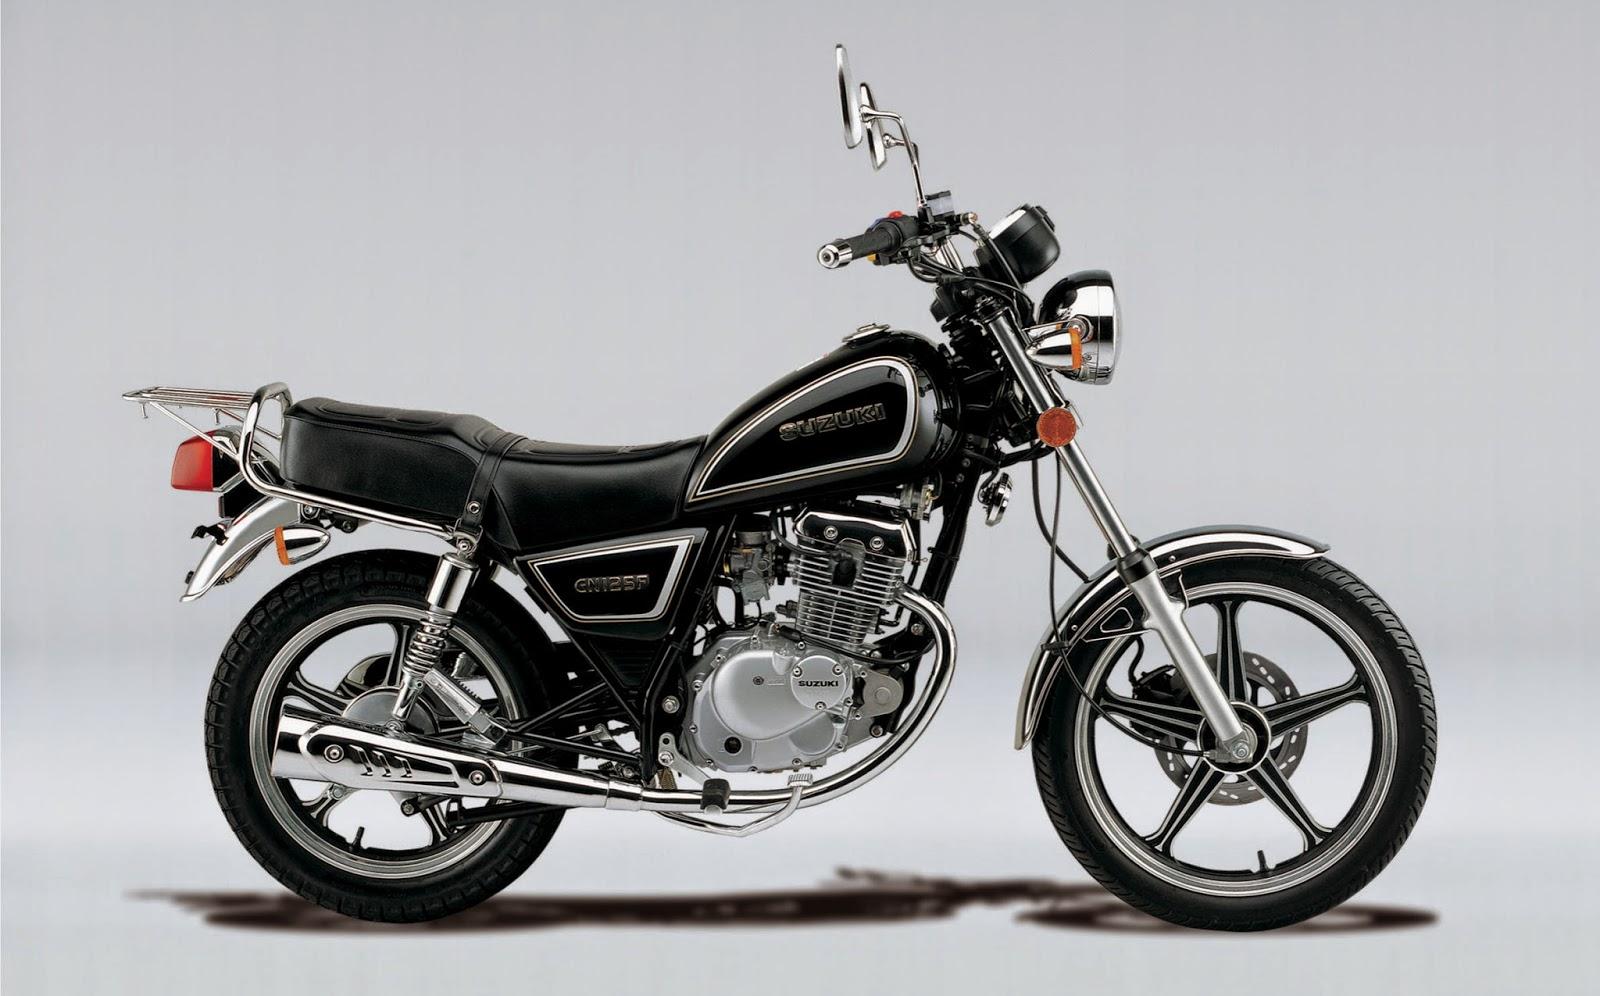 Suzuki Motorcycle Cc